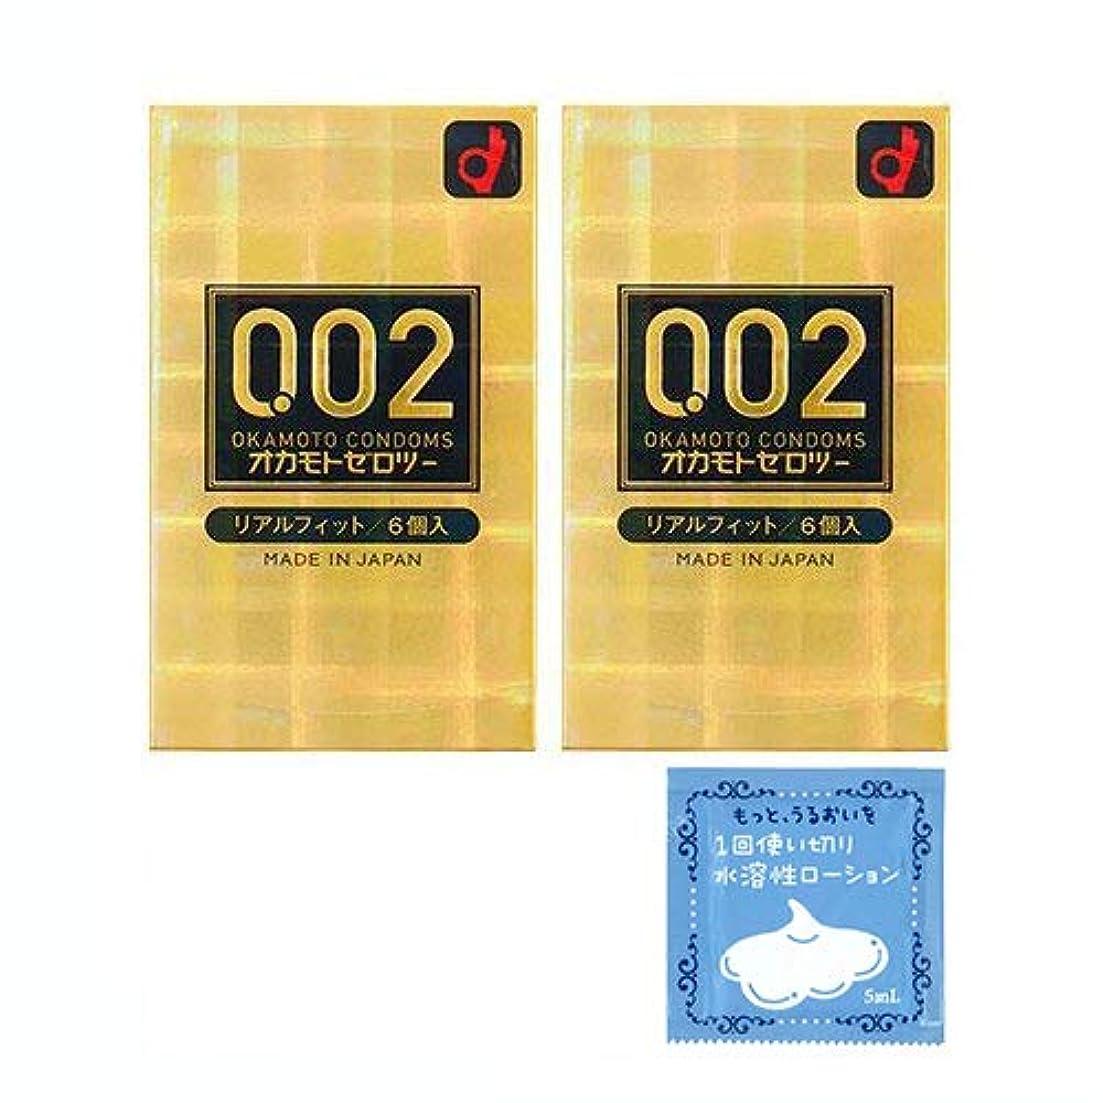 予備電話する回復オカモト ゼロツー 0.02ミリ リアルフィット 6個入り×2箱(計12個) + 1回使い切り水溶性潤滑ローション